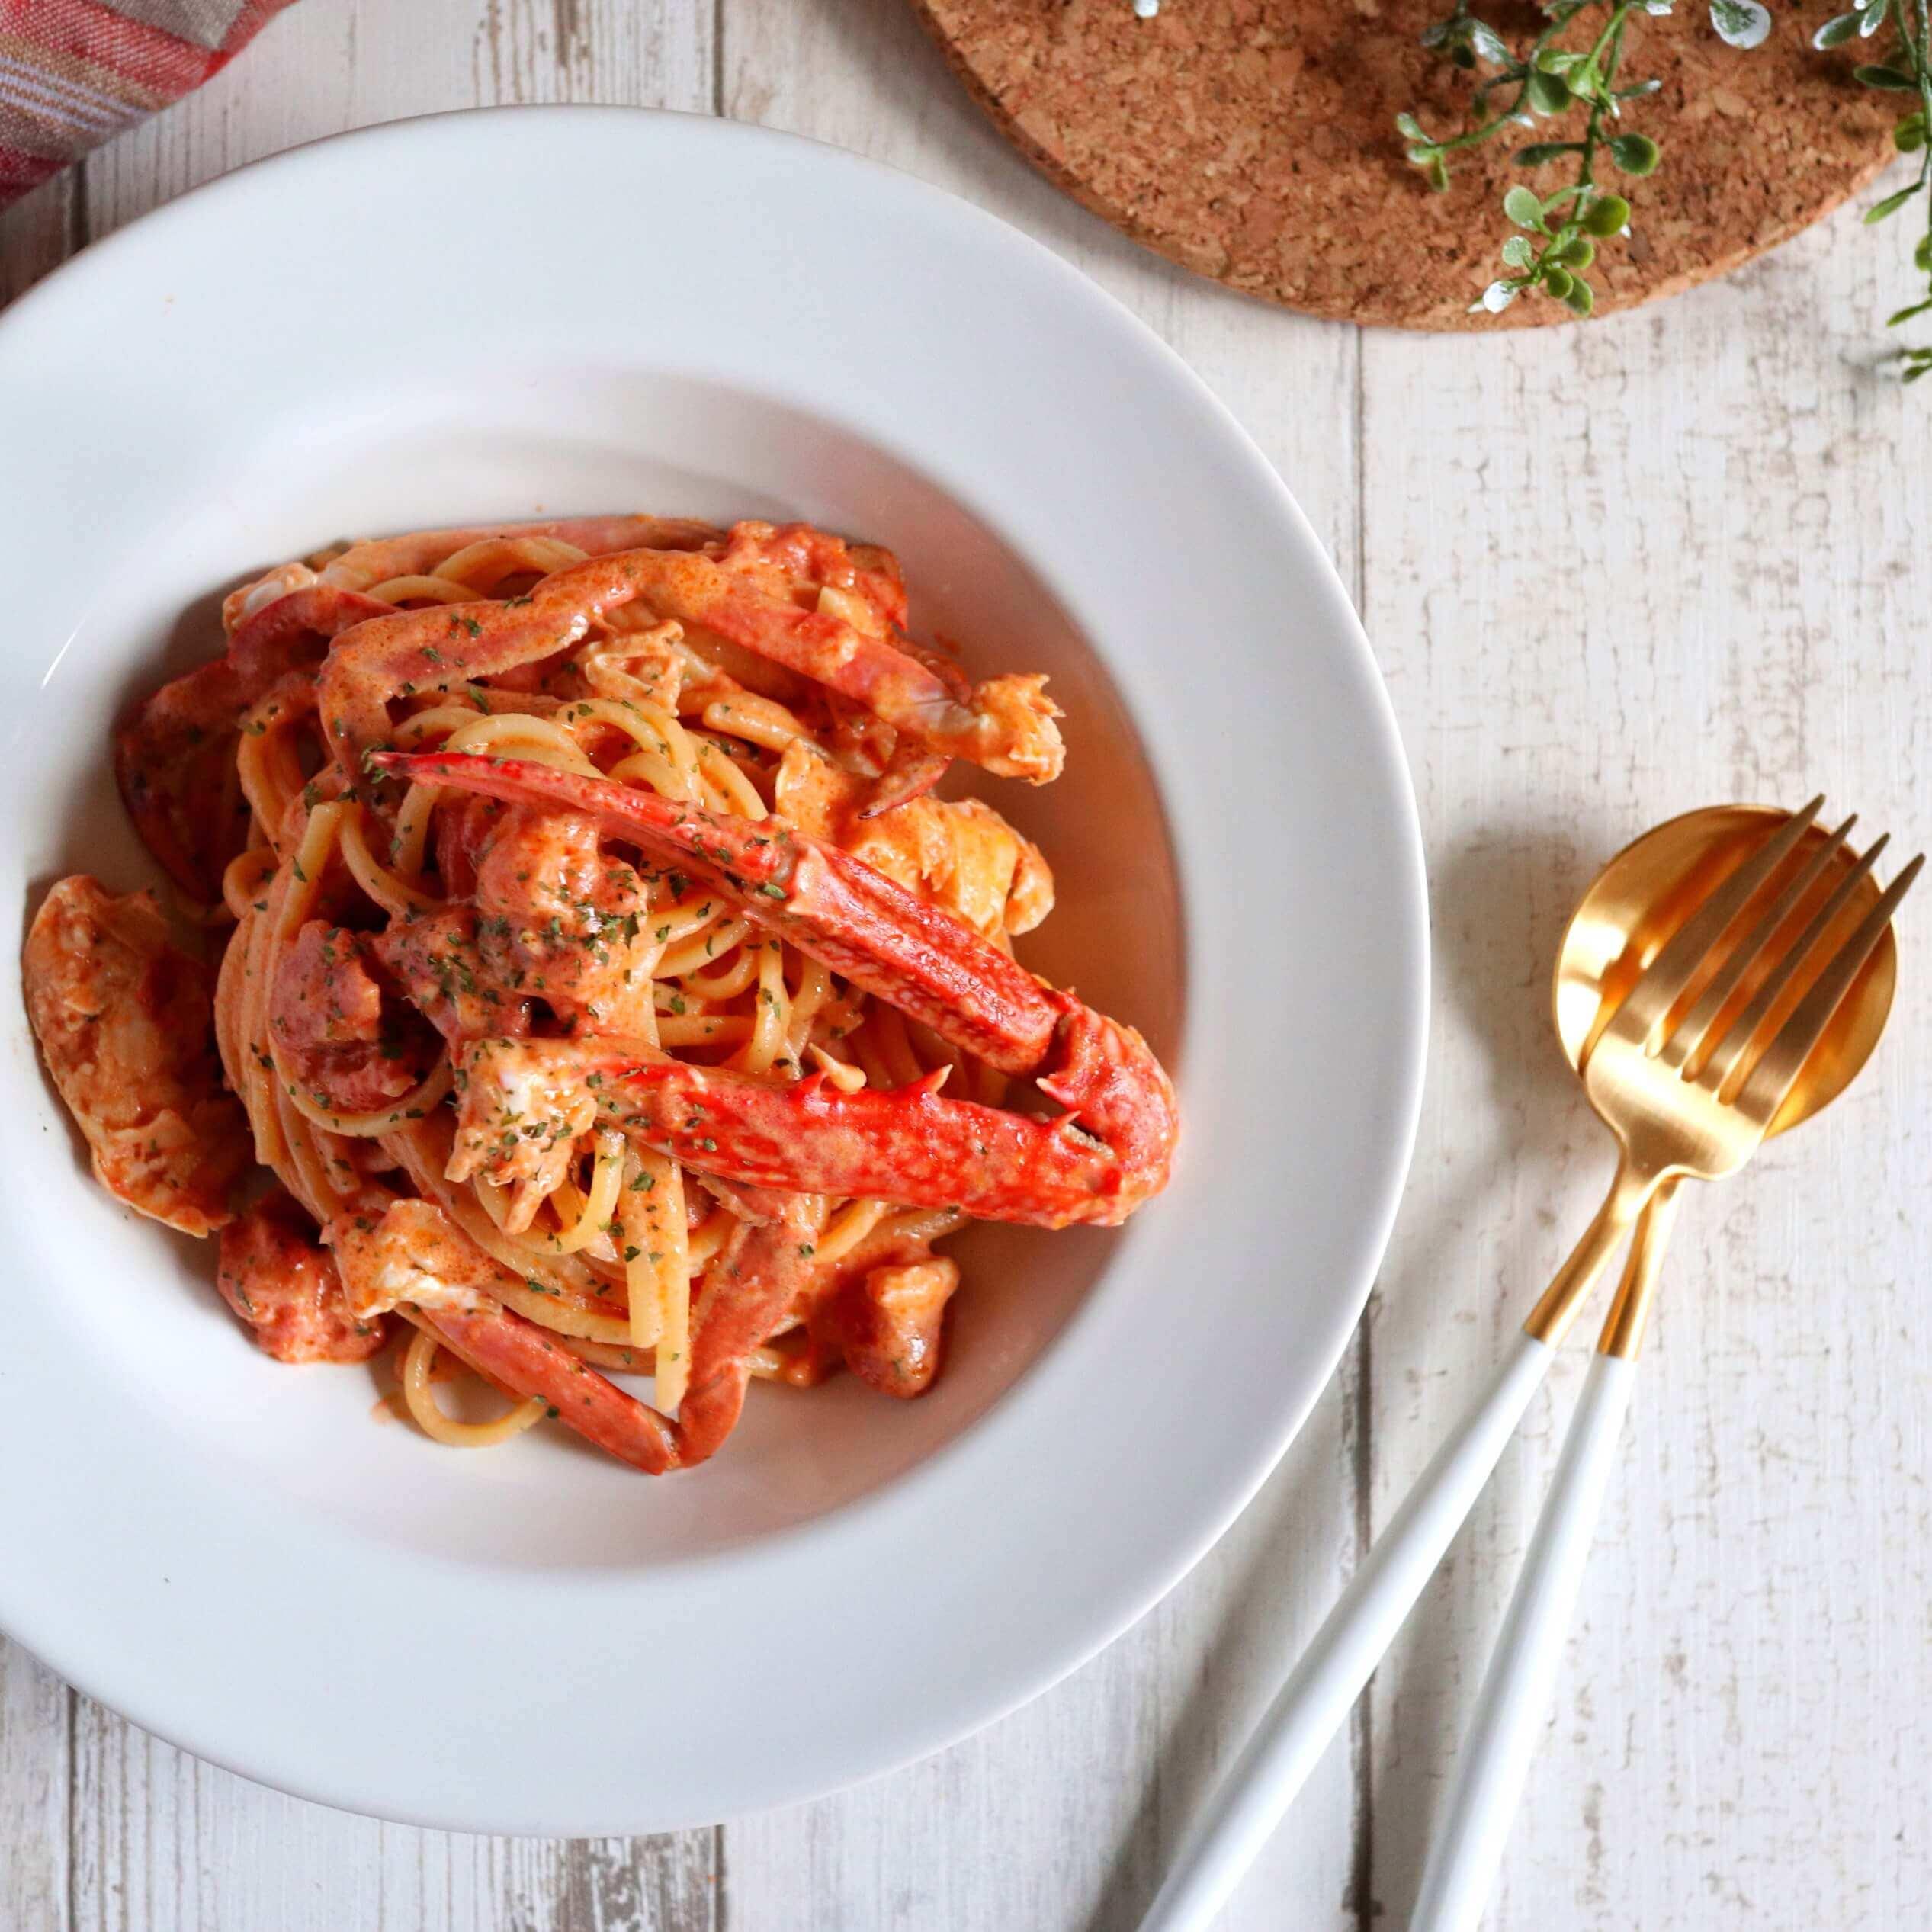 【大絶賛!】渡り蟹のトマトクリームパスタのレシピ